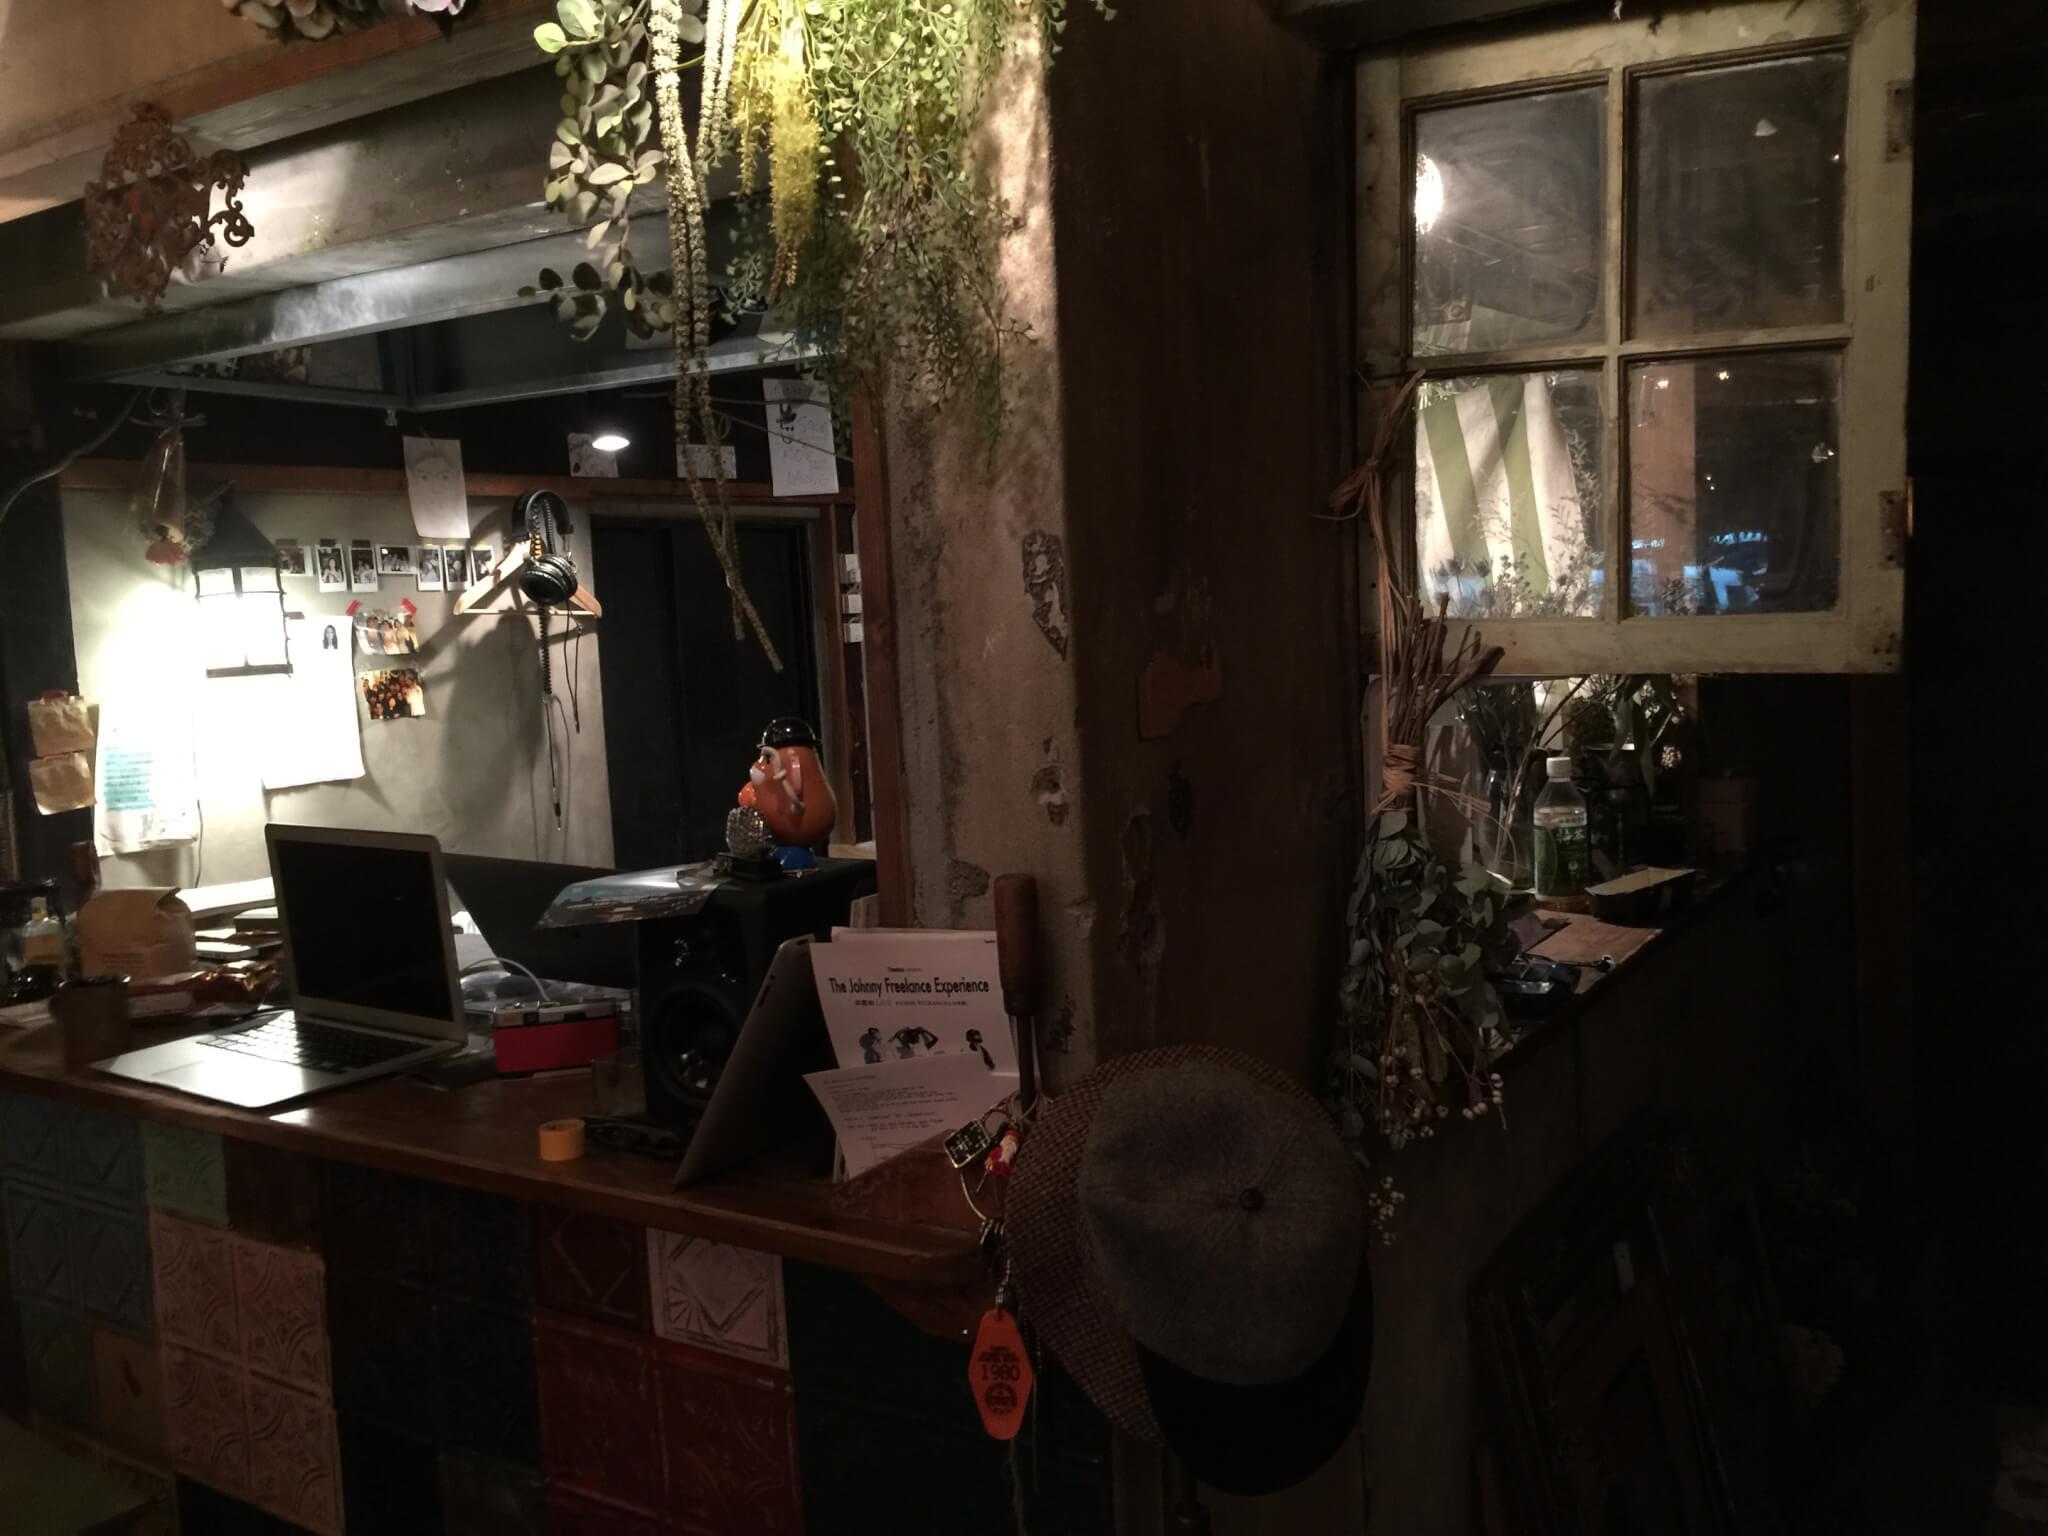 京都のゲストハウス「パンとサーカス」